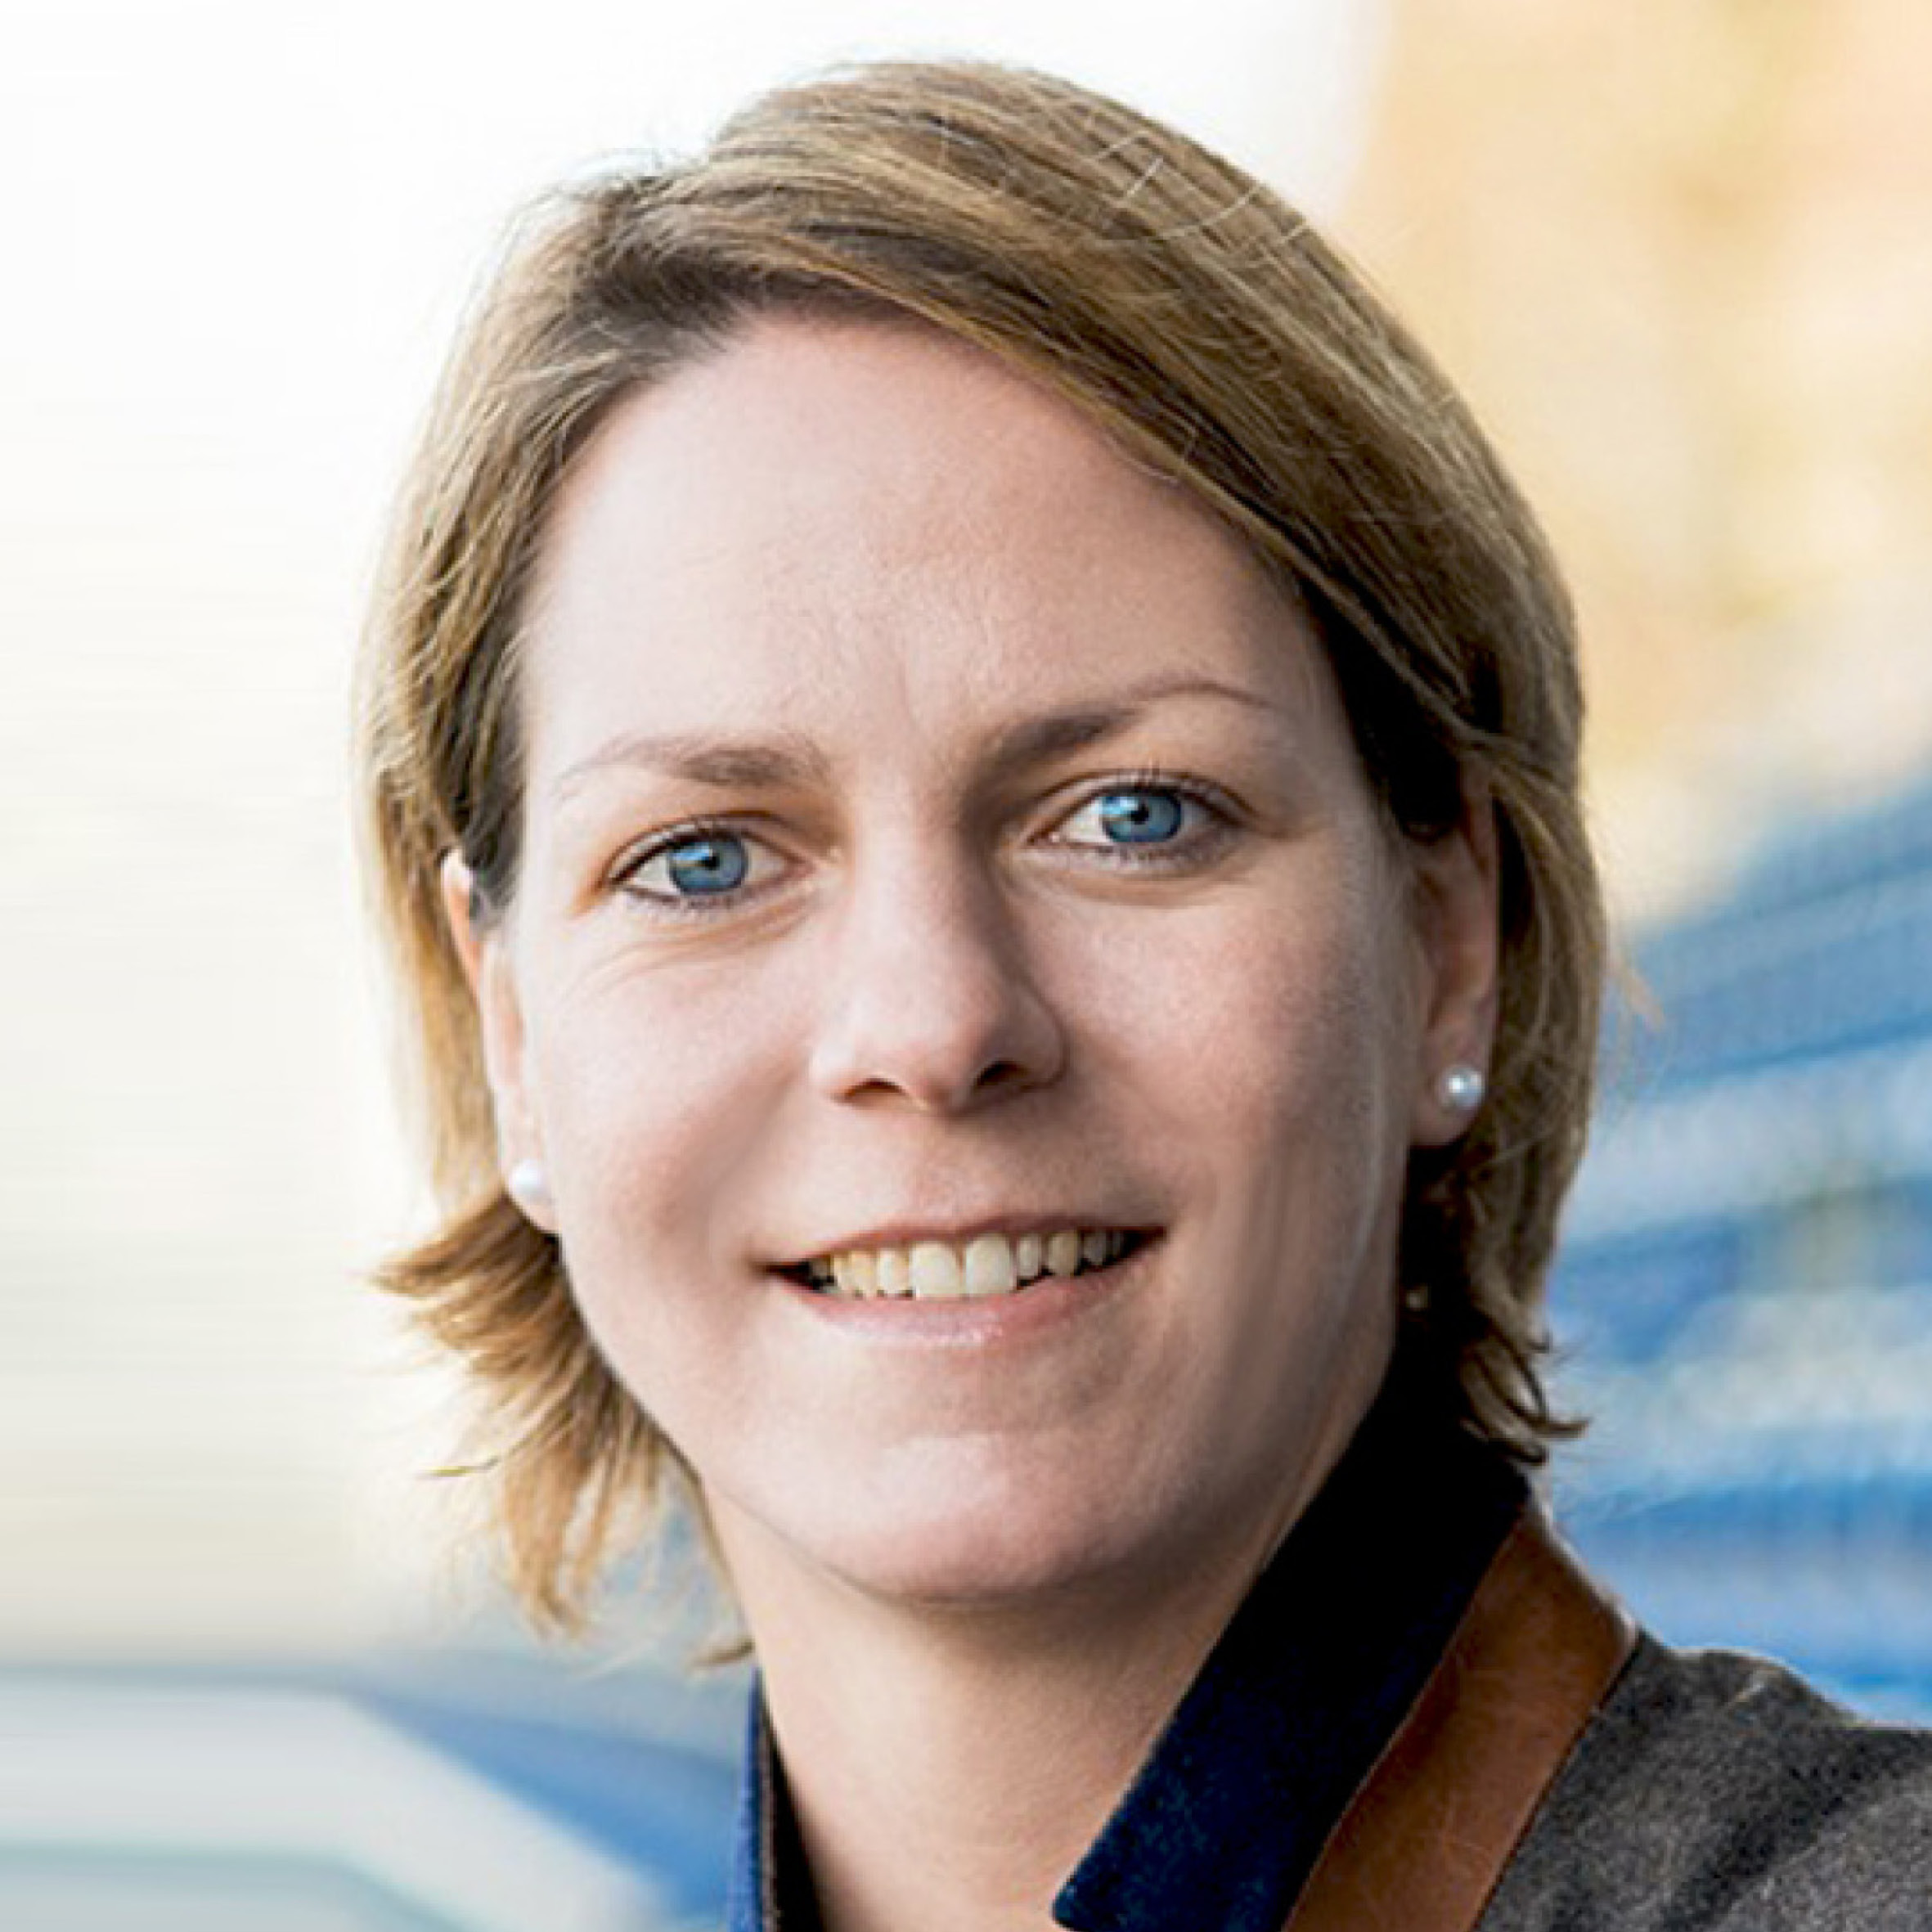 Karina Dörschel